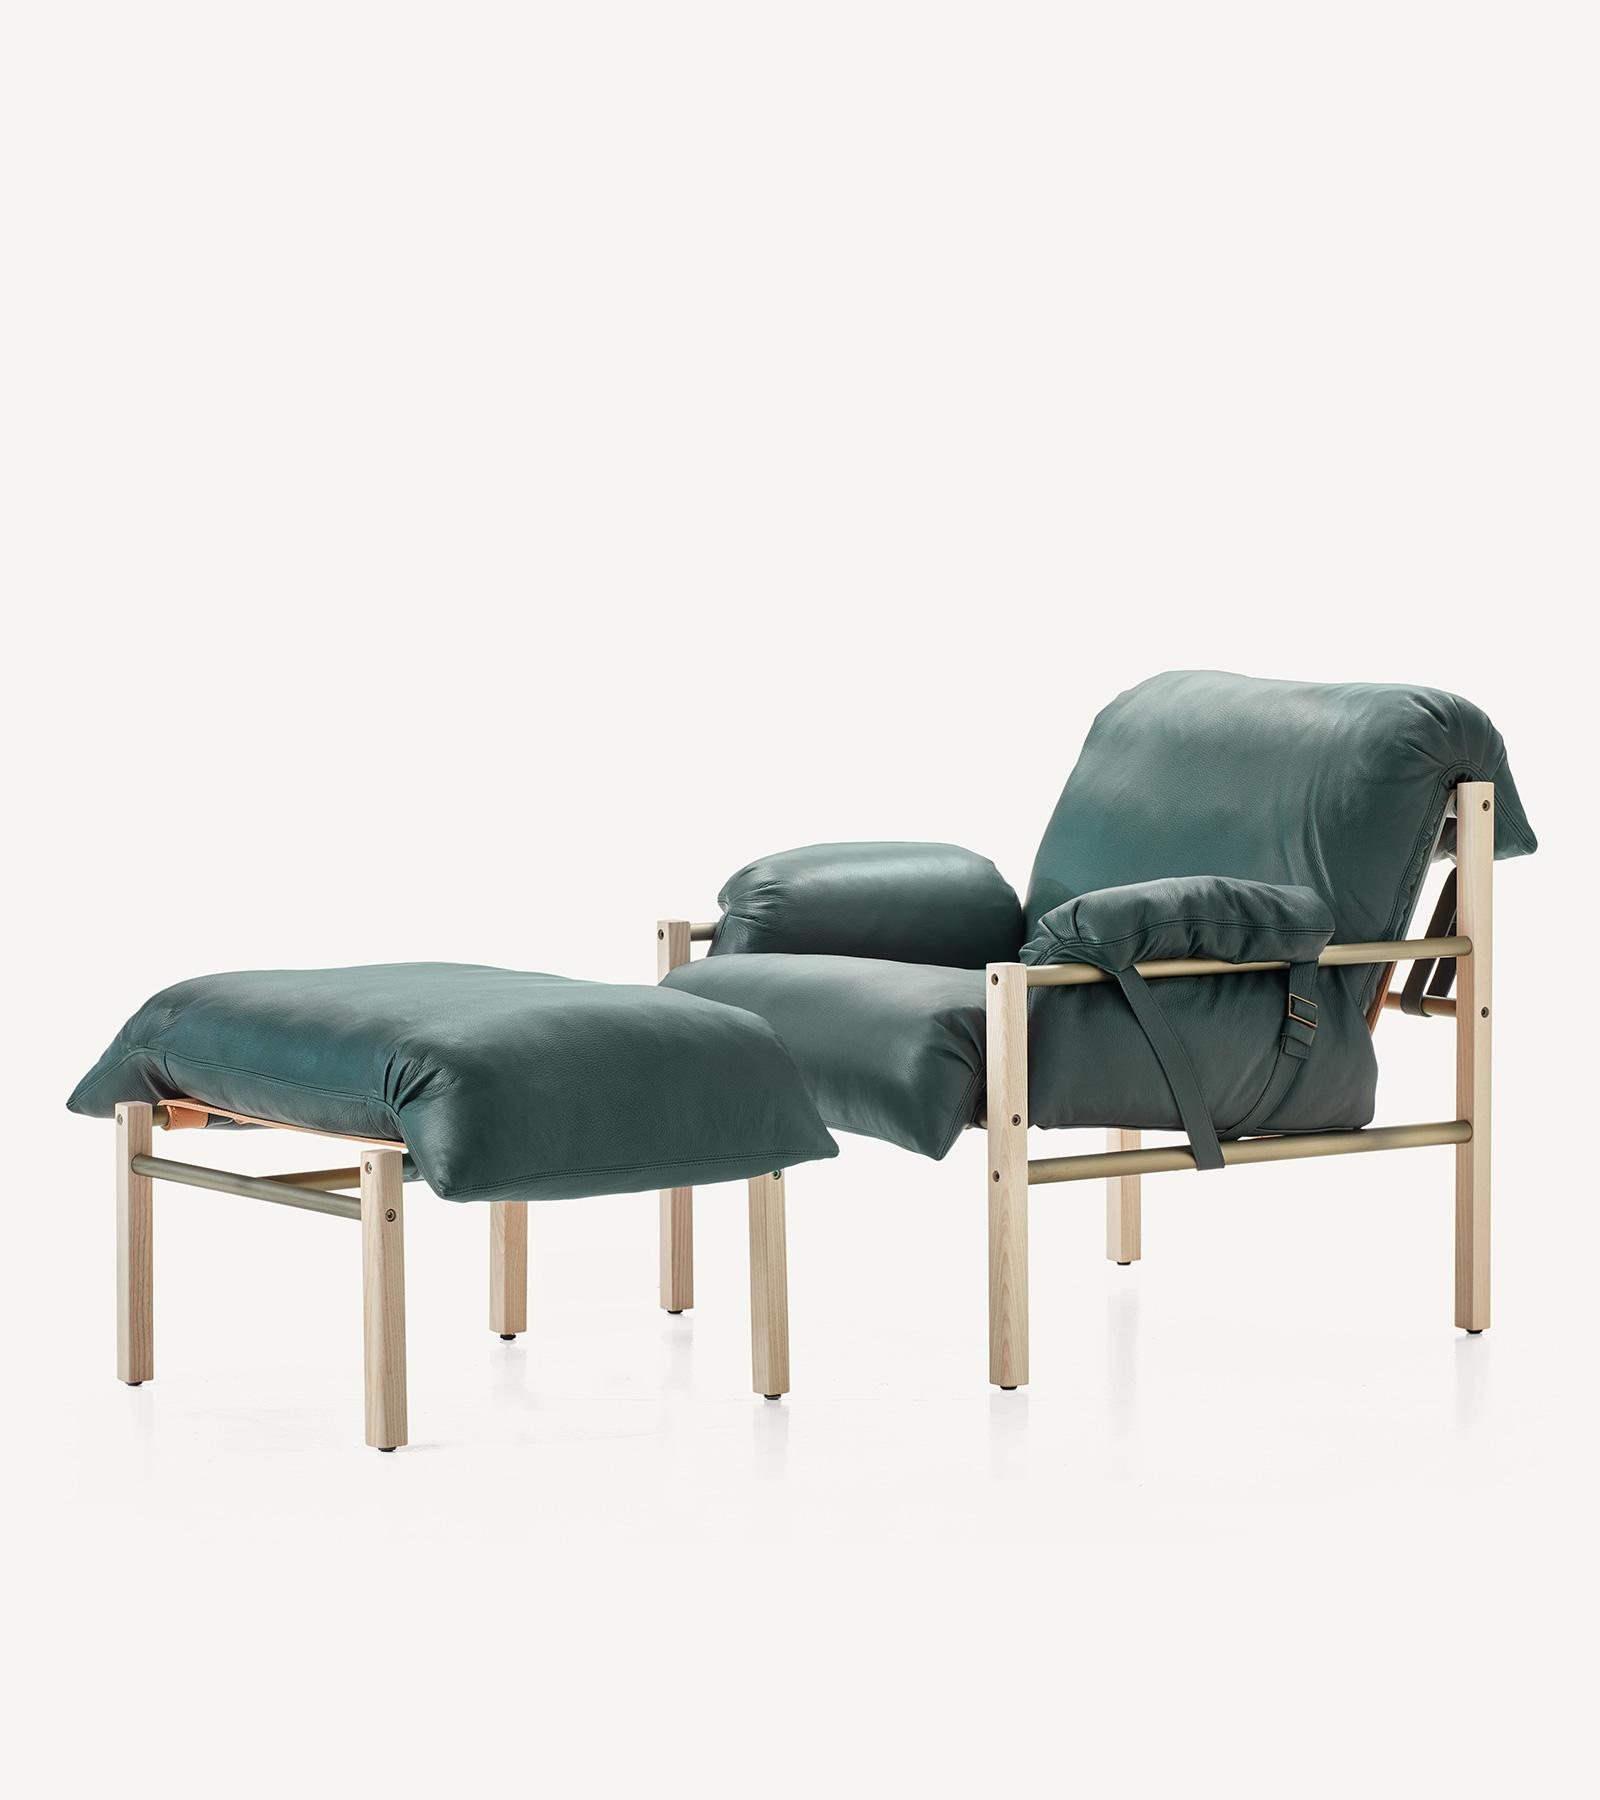 TinnappleMetz-bassamfellows-Sling-Club-Chair-01